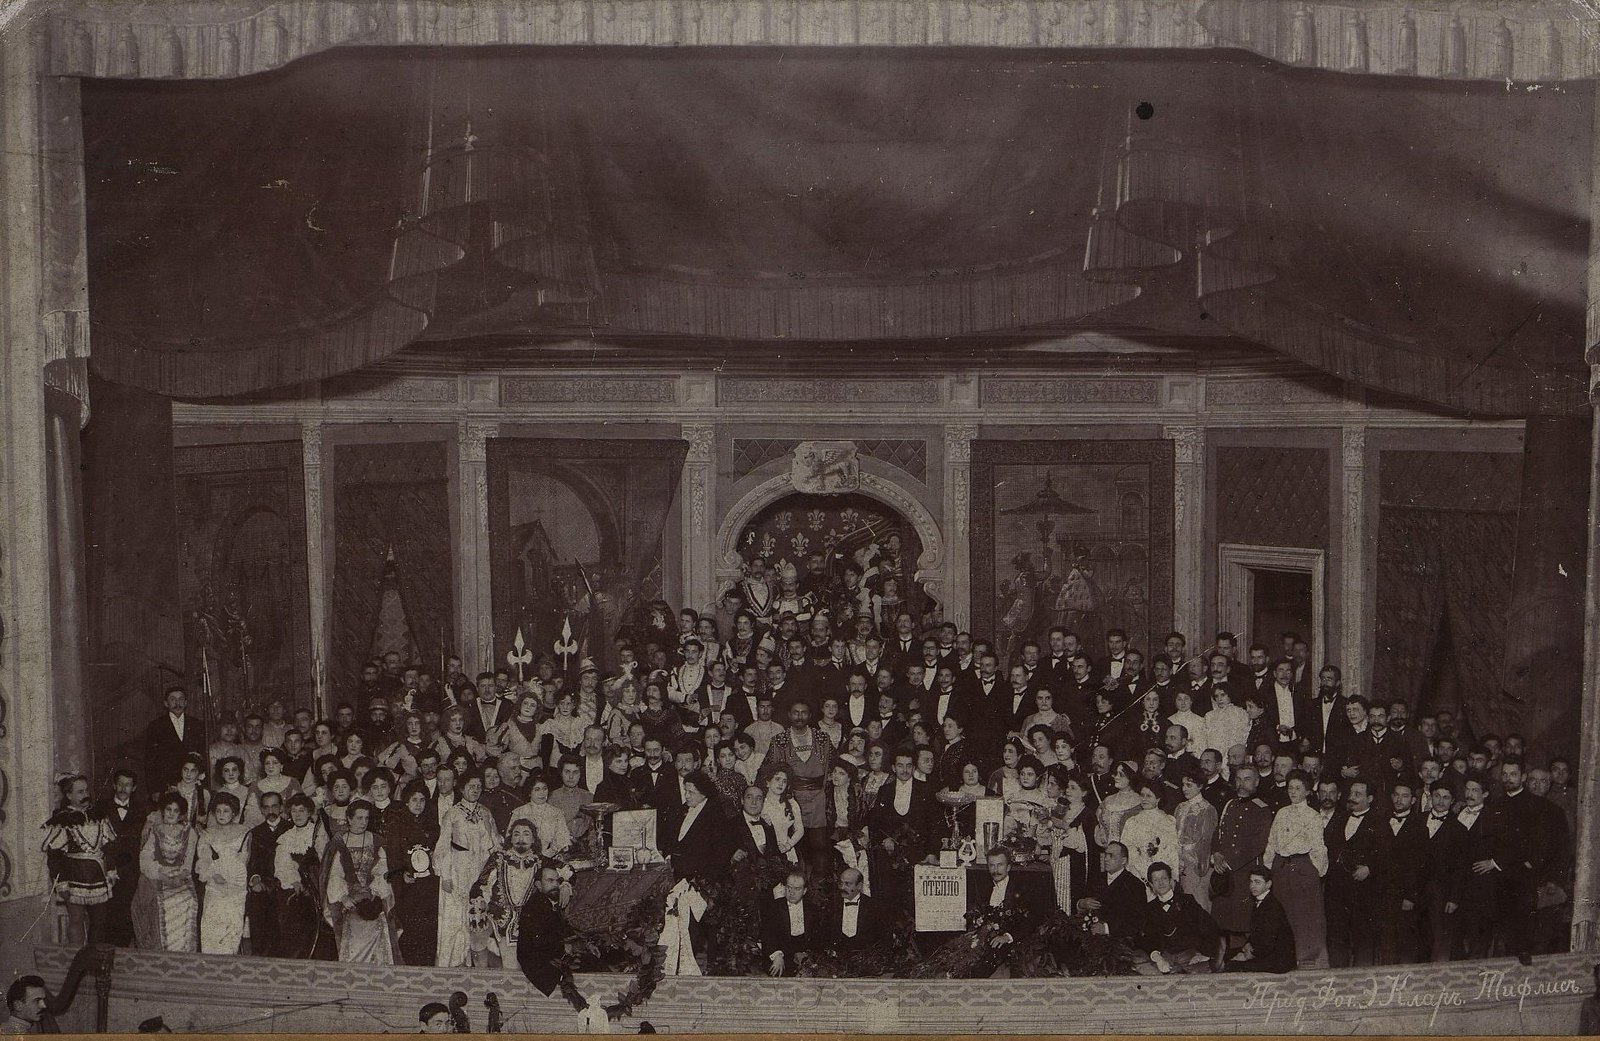 Участники спектакля «Отелло». Клар Э. 1906-1909 гг.